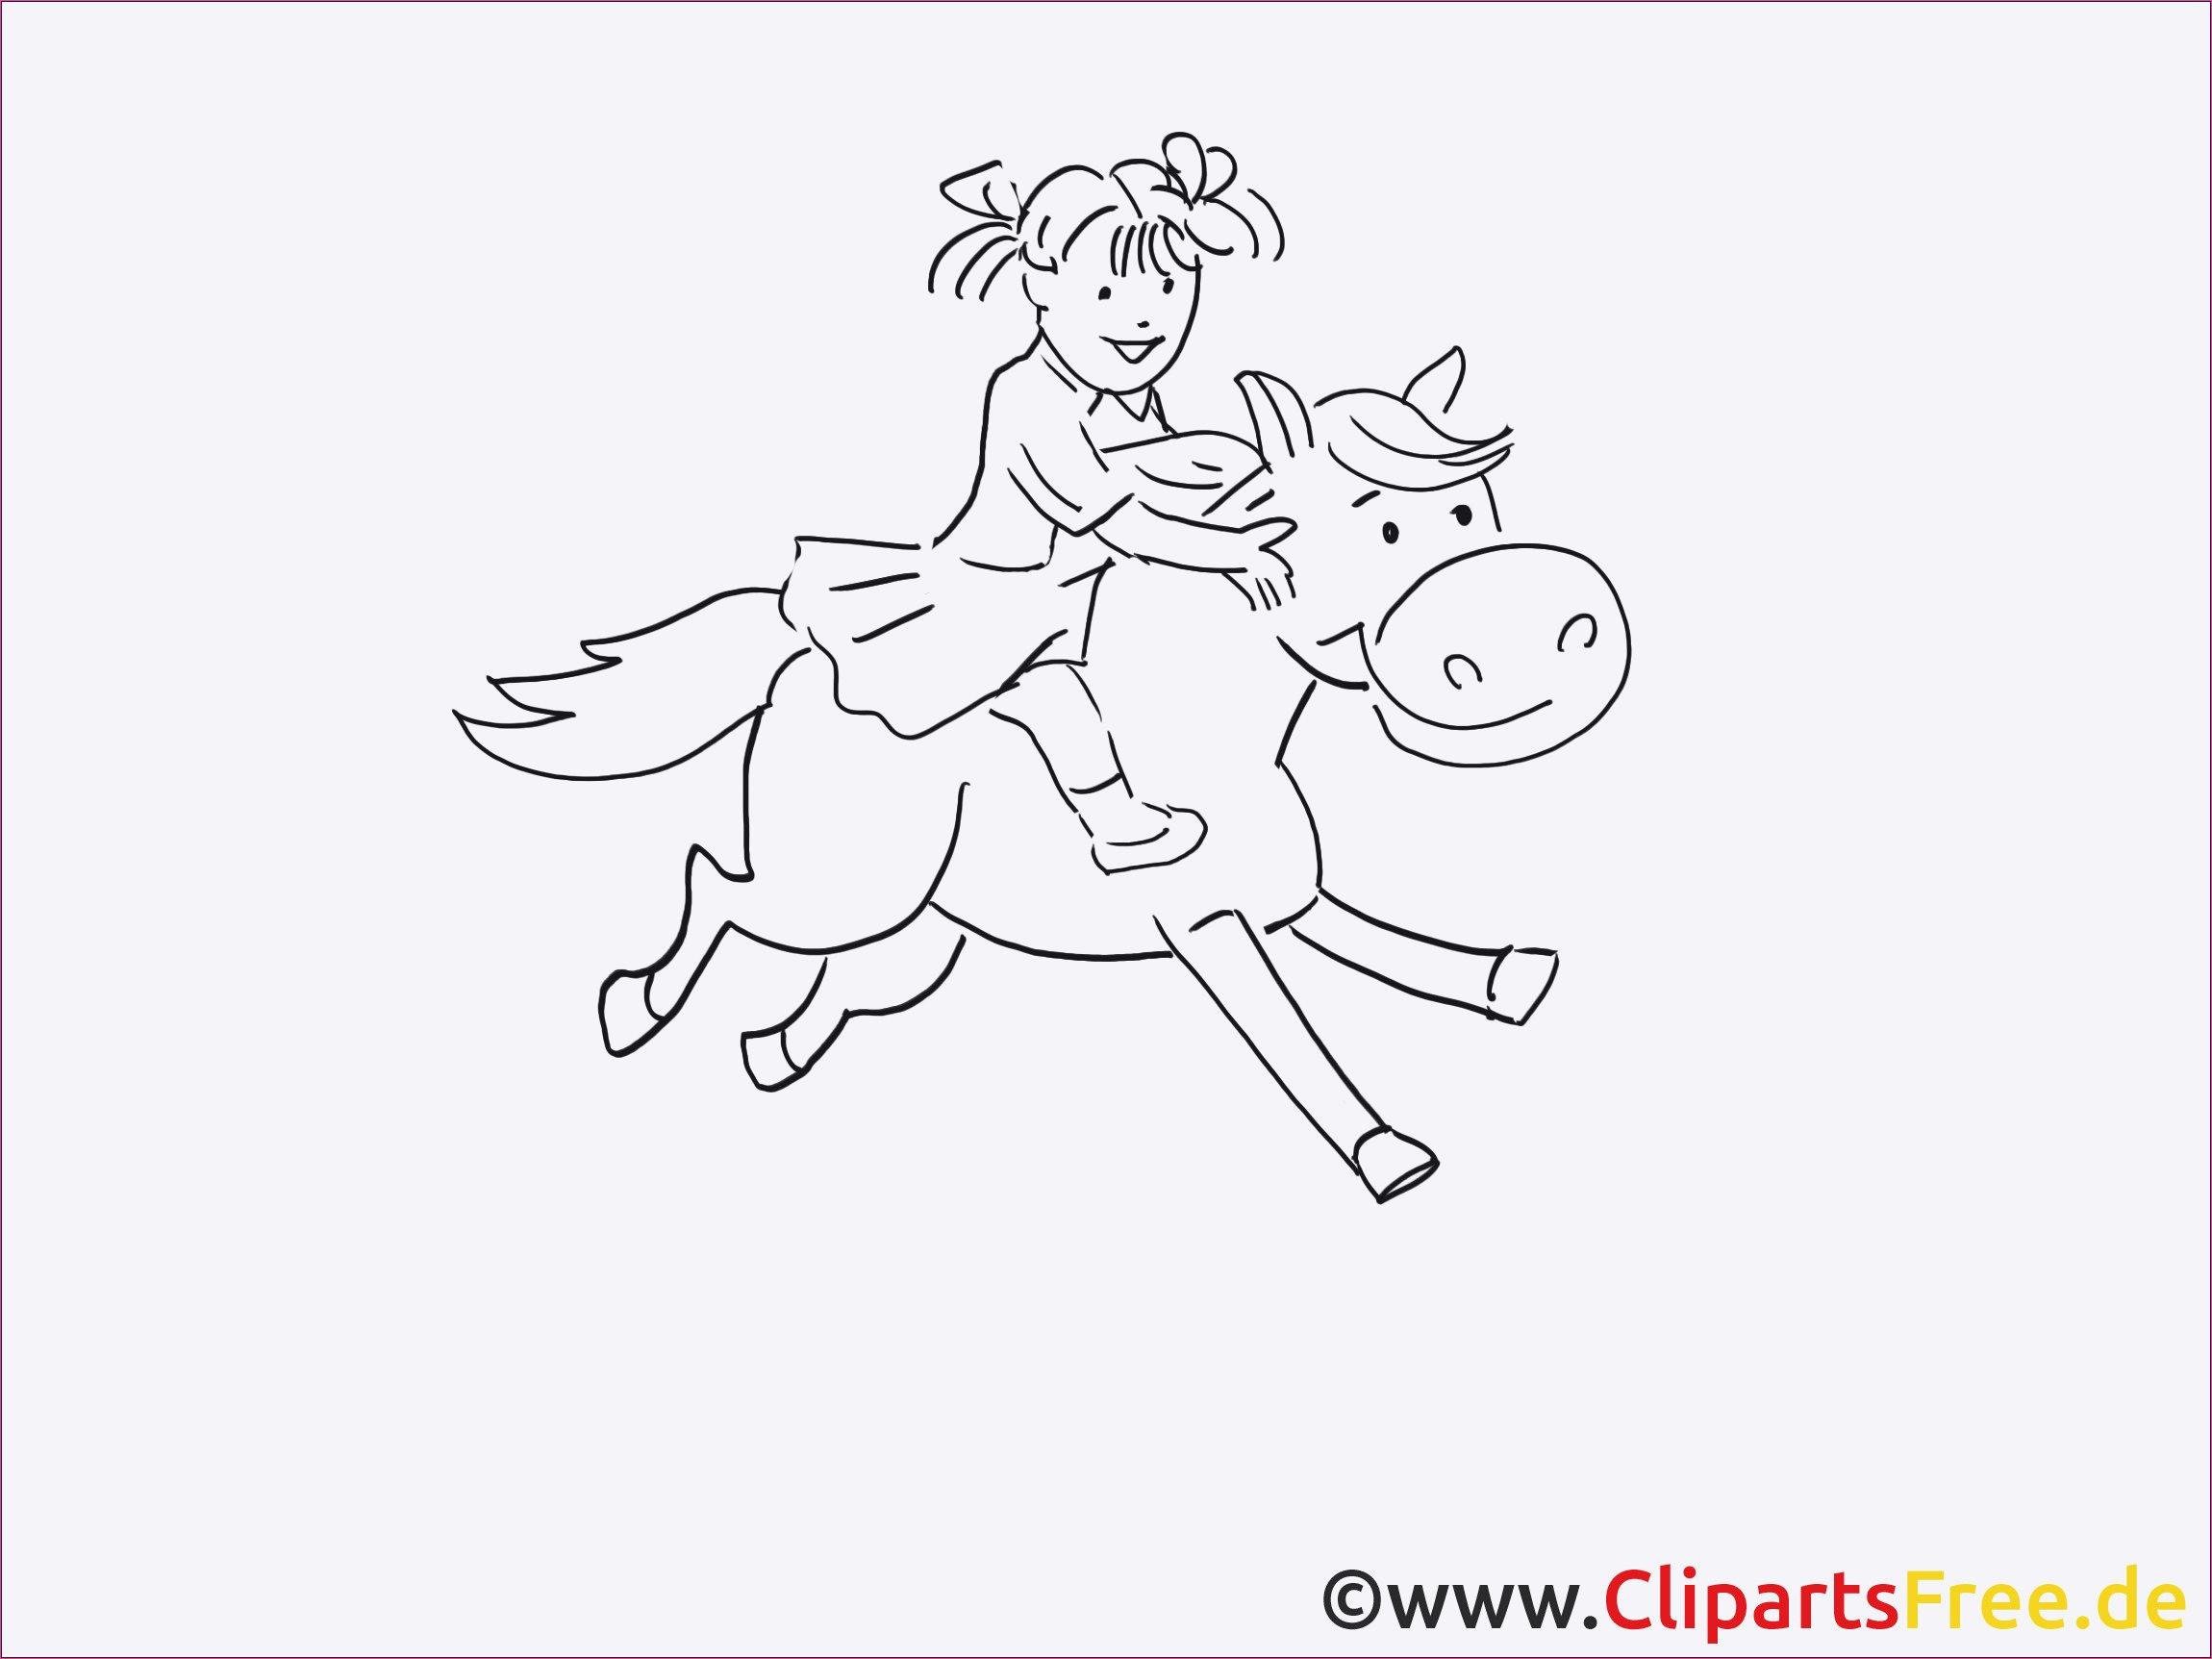 Soy Luna Bilder Zum Ausmalen Frisch Ausmalbilder Pferde Mit Madchen Genial Luna Ausmalbilder Stock